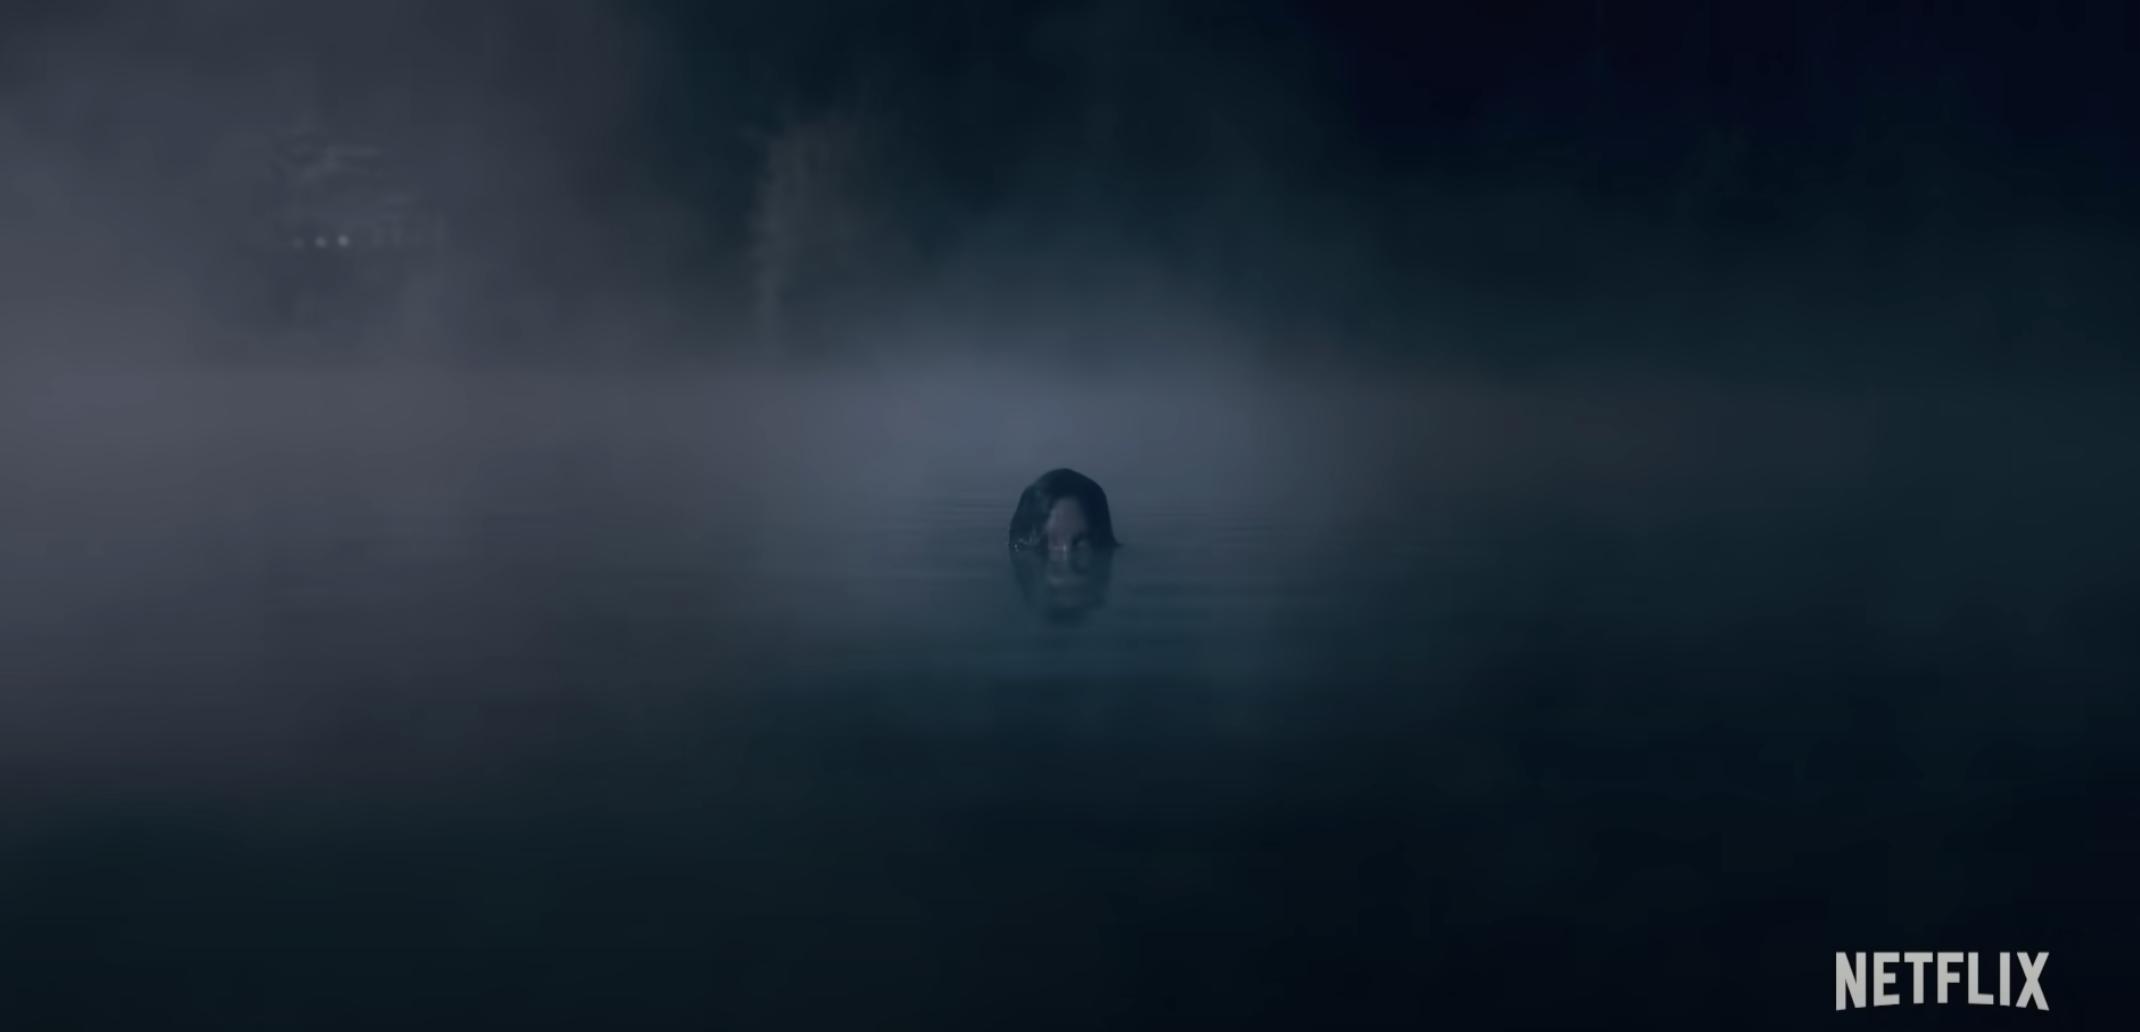 A woman in a creepy lake